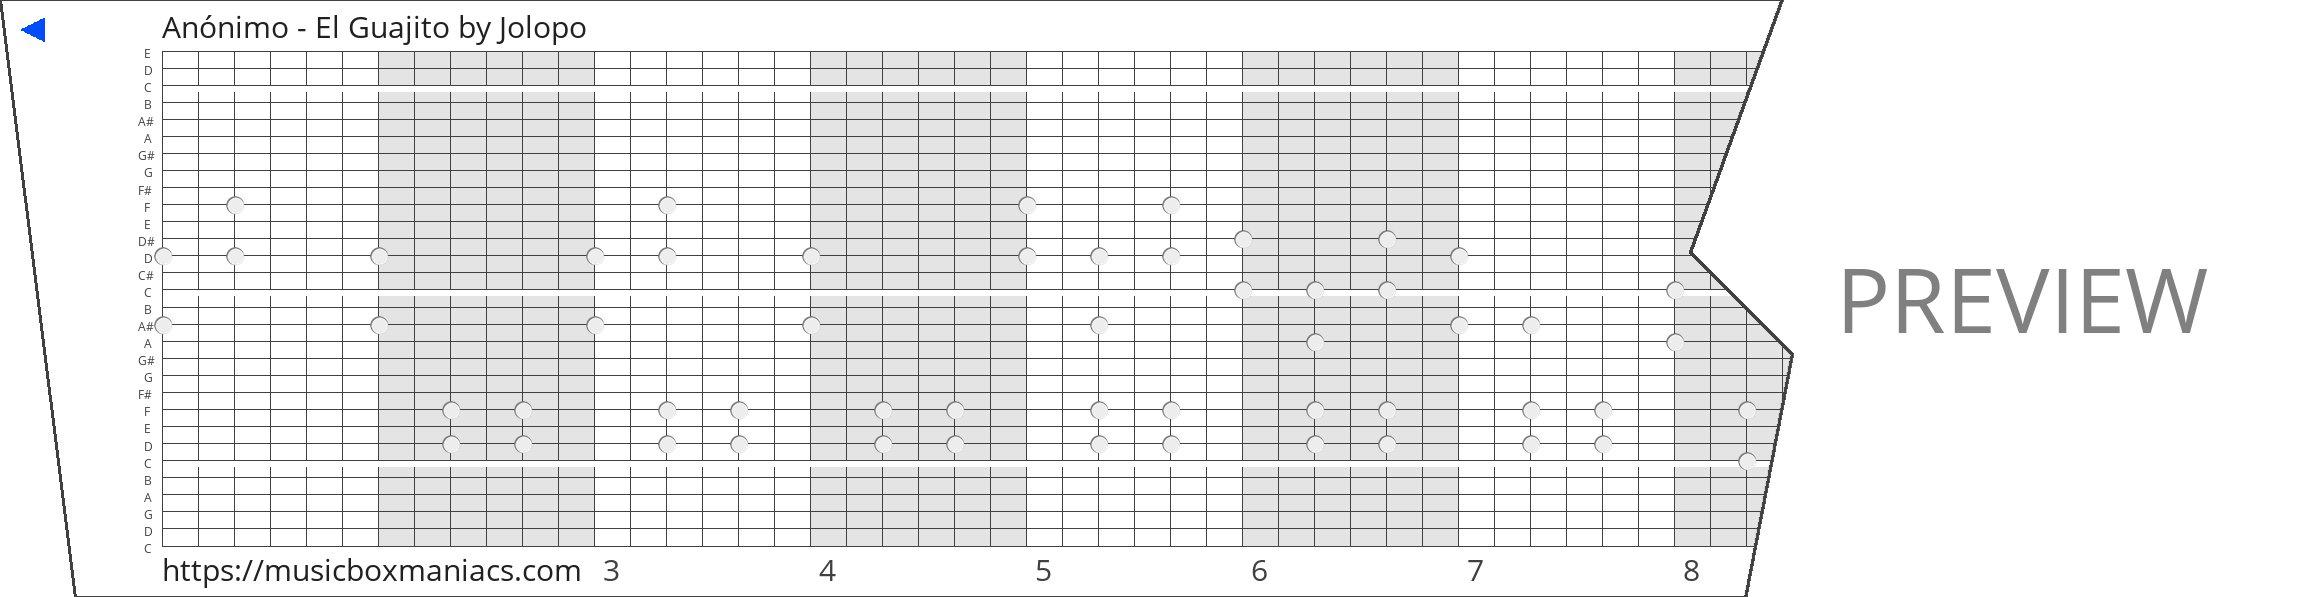 Anónimo - El Guajito 30 note music box paper strip